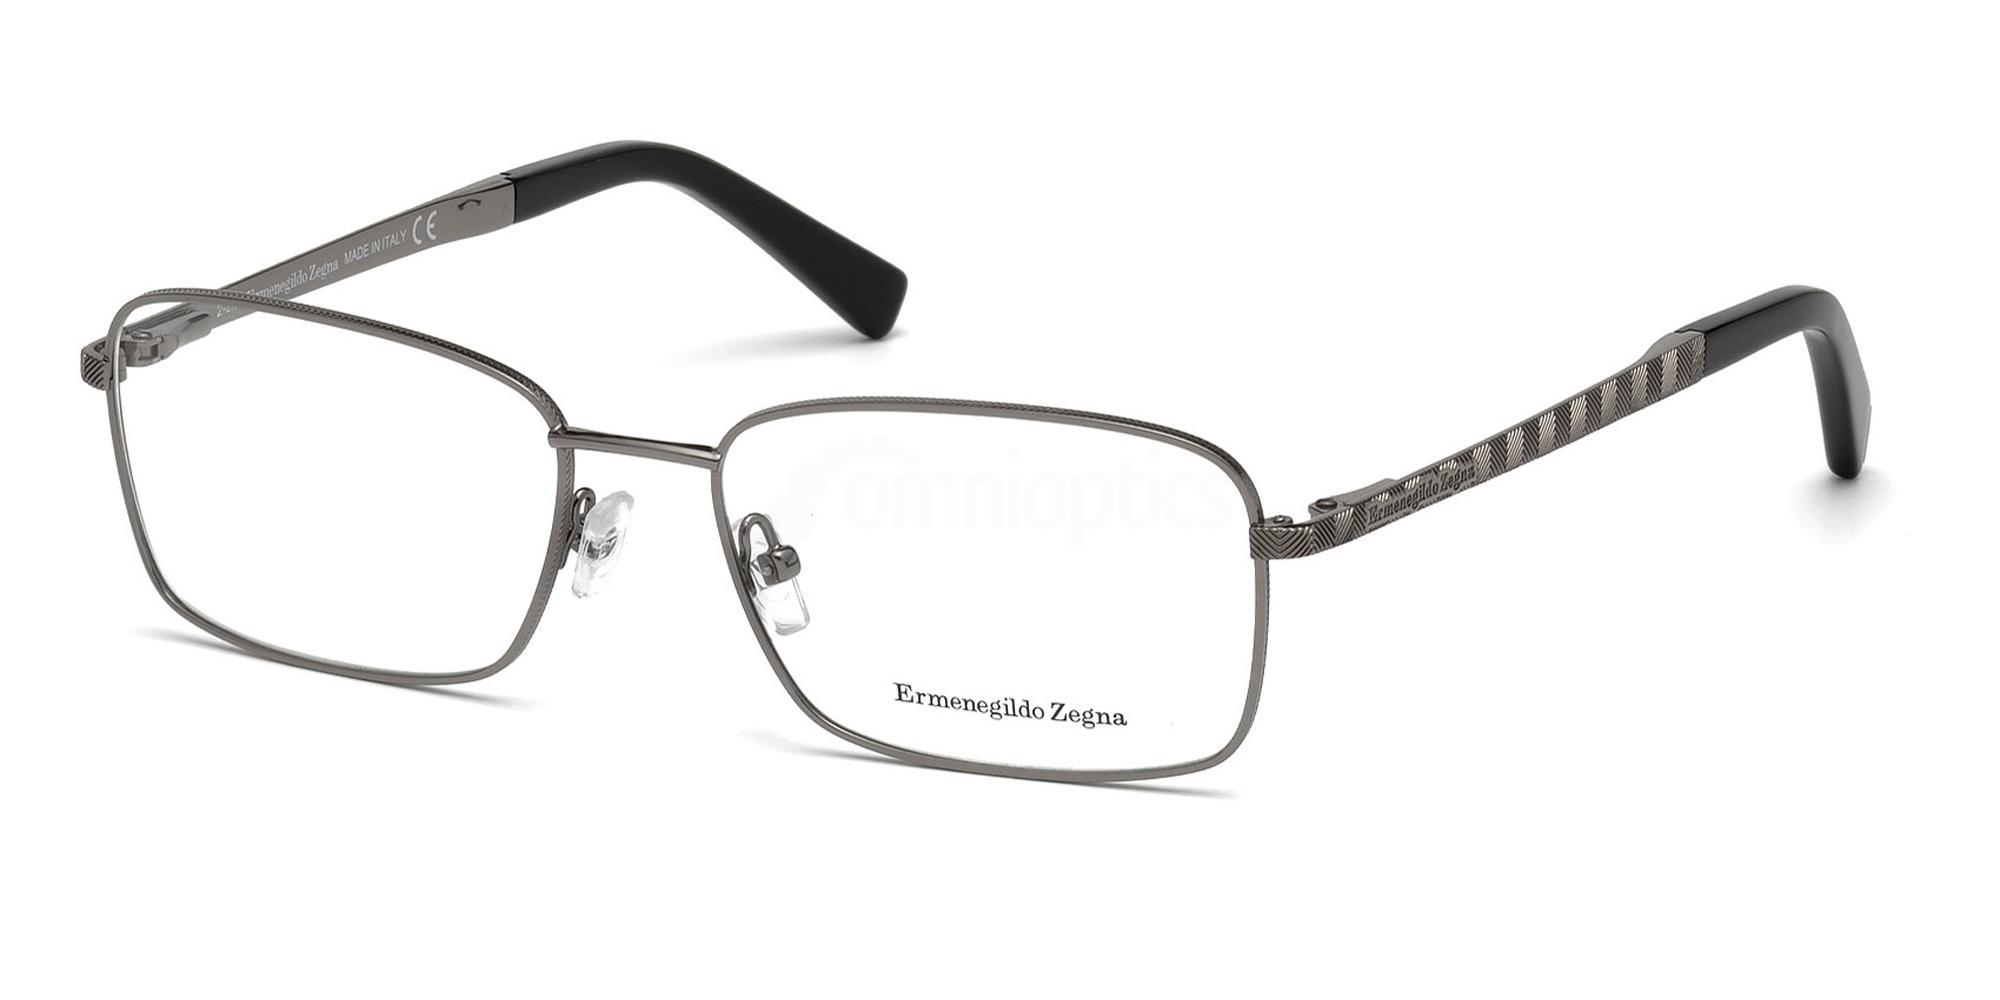 014 EZ5059 Glasses, Ermenegildo Zegna